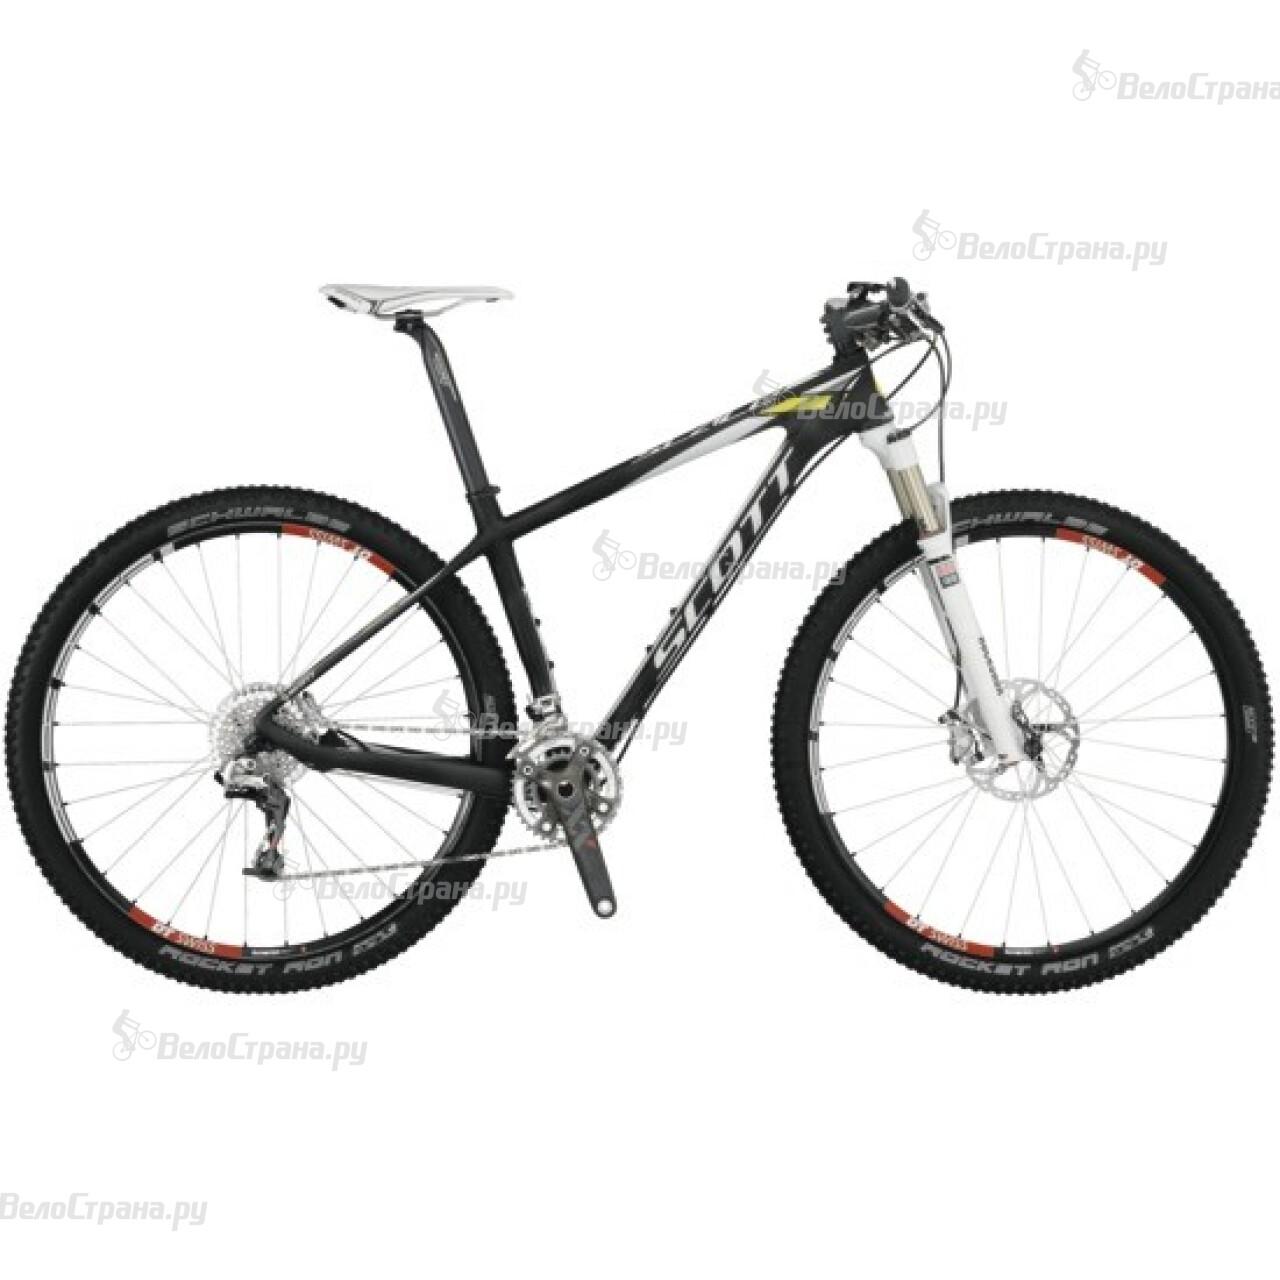 Велосипед Scott Scale 900 RC (2013) велосипед scott scale 900 rc 2016